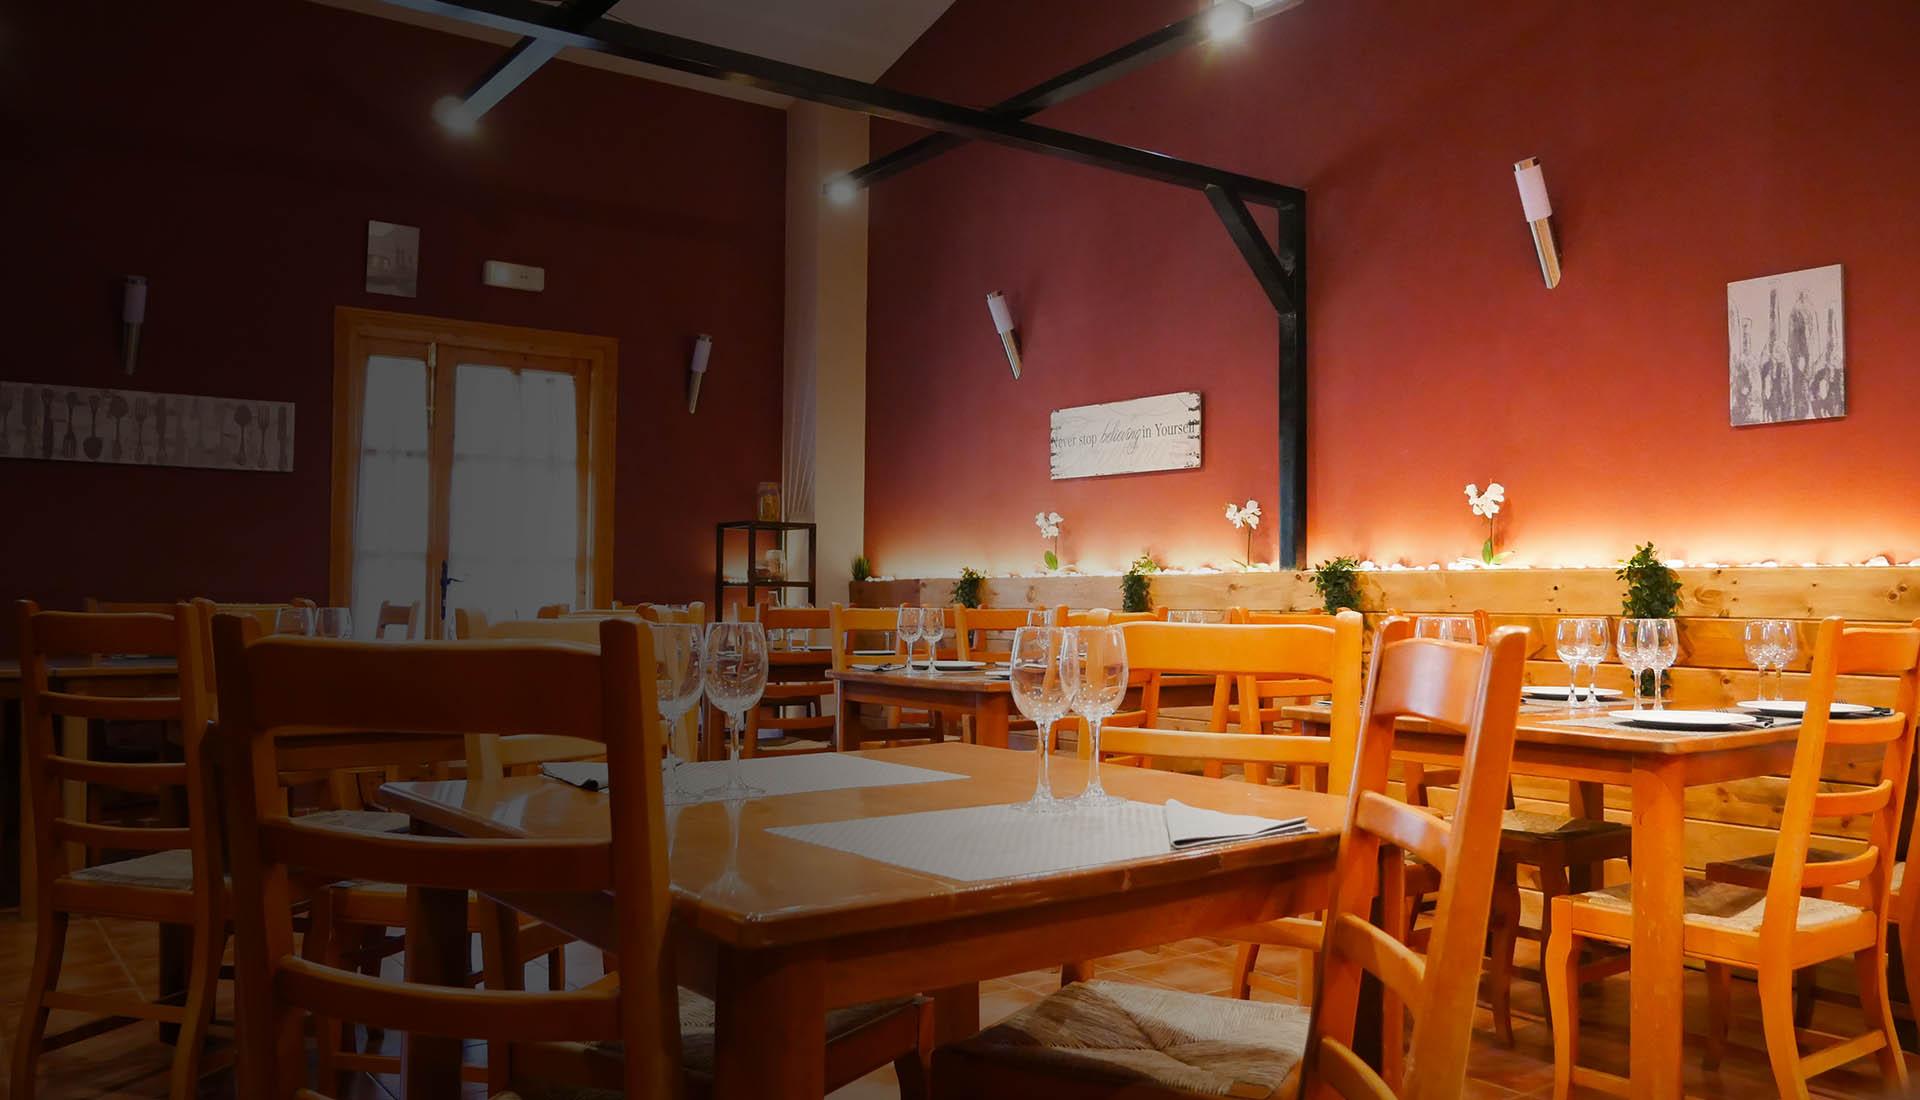 Restaurante camping peñafiel, restaurantes en peñafiel, restaurantes en la ribera del duero, valladolid